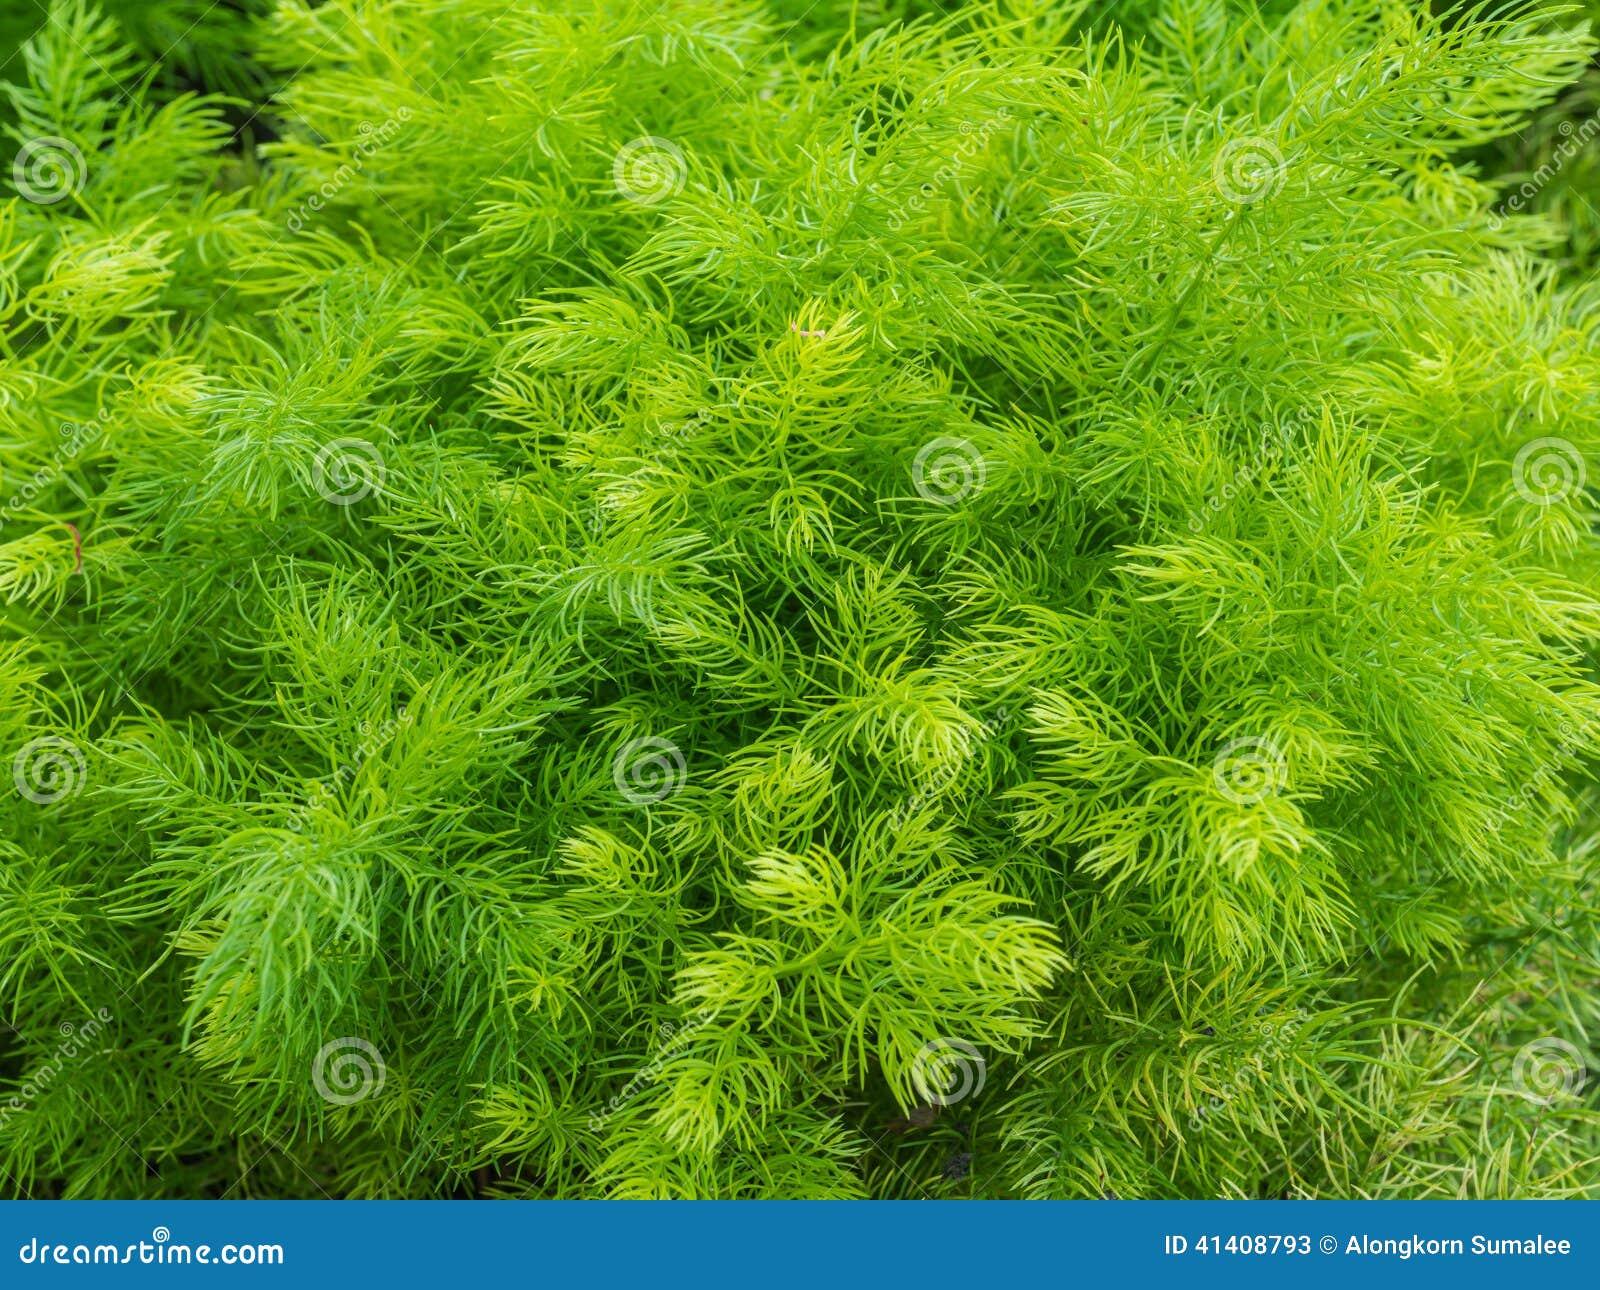 Zbliżenie świeży zielony krzak Shatavari (asparagus r